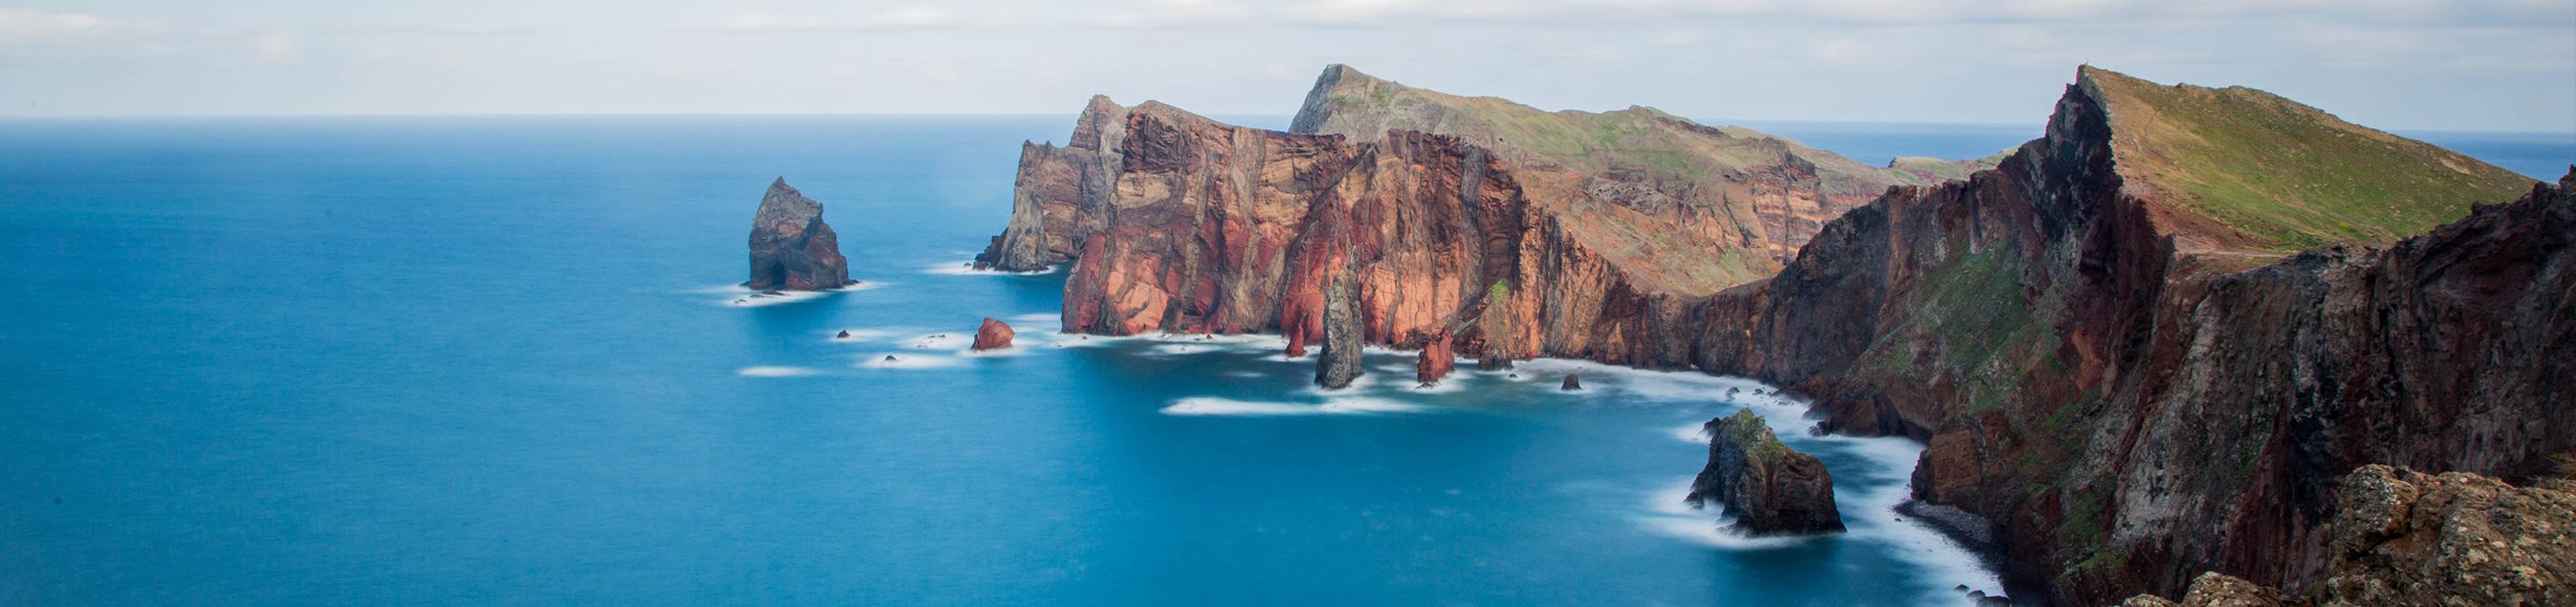 Морской круиз на Канарах